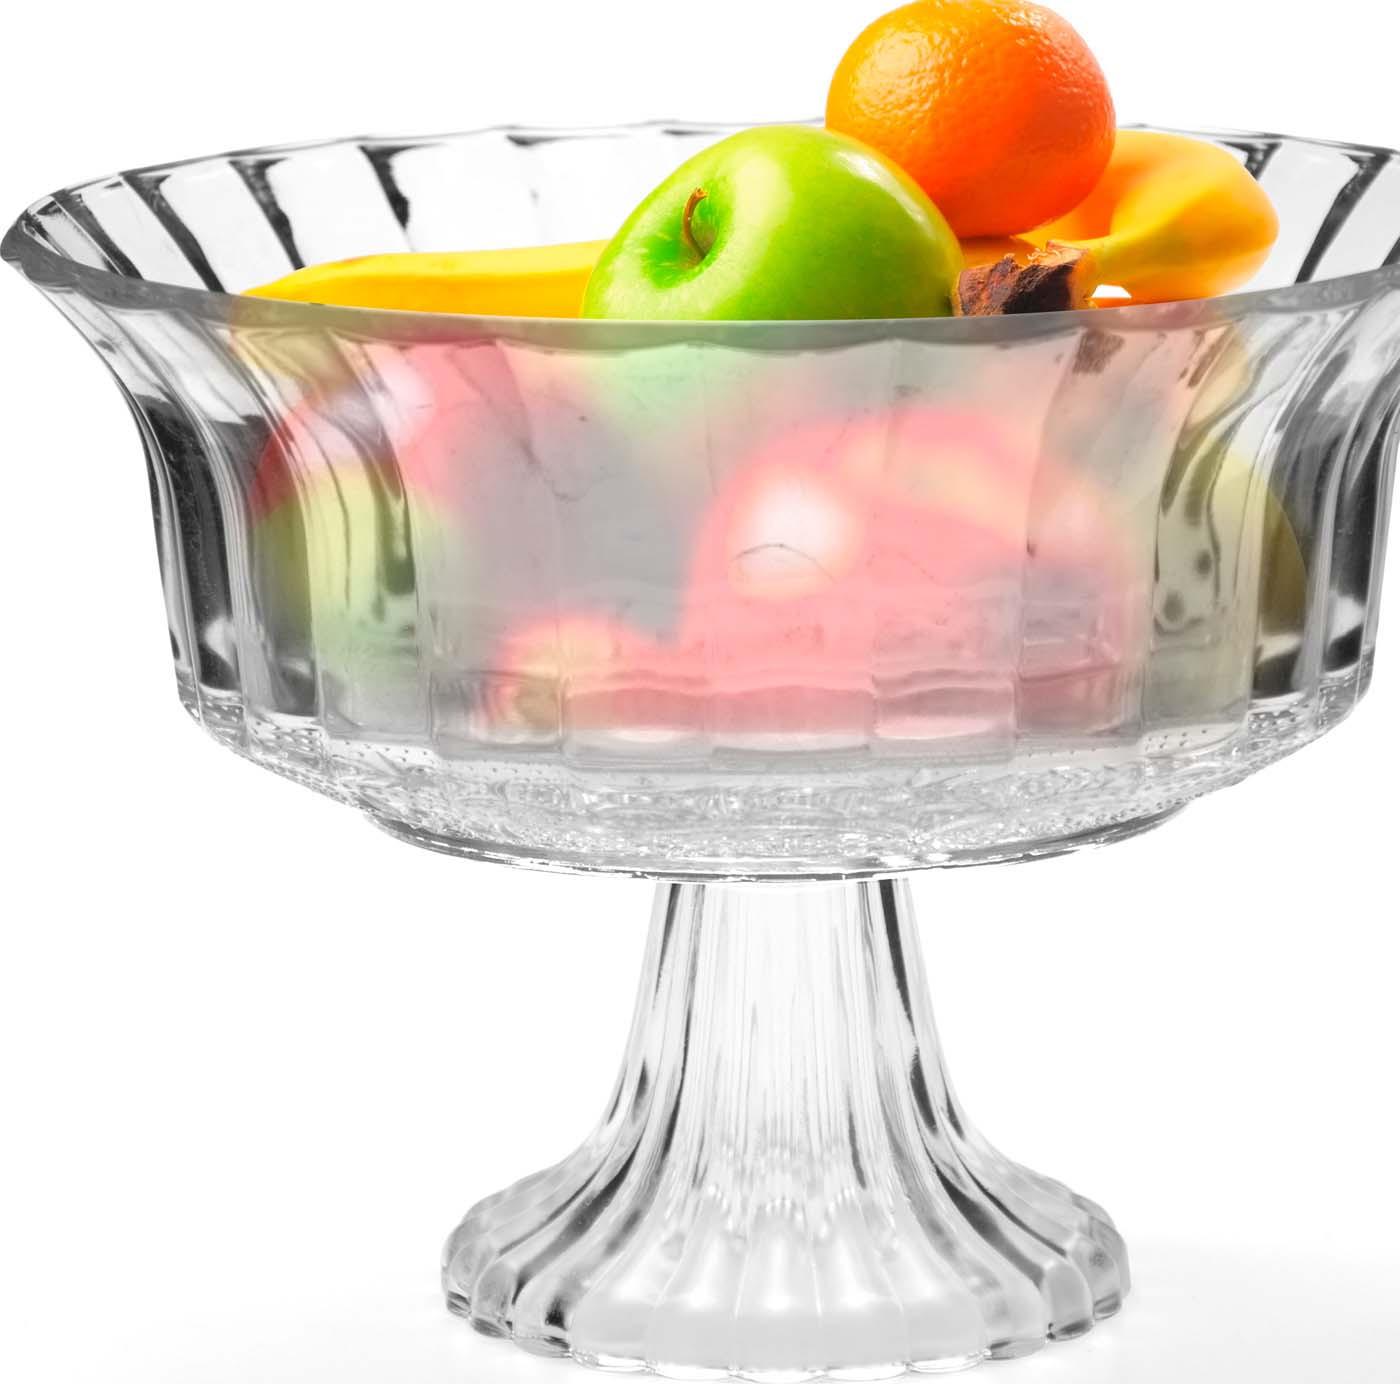 Глубокая ваза для фруктов Mayer & Boch выполнена из высококачественного стекла. Изделие декорировано изящным резным рельефом и сочетает в себе изысканный дизайн с максимальной функциональностью. Оформление вазы придется по вкусу ценителям классики и изящности. Ваза для фруктов Mayer & Boch послужит отличным подарком к любому празднику, а также добавит элегантности и уюта любому праздничному столу! Посуда обладает гладкой непористой поверхностью и не впитывает запахи, ее легко и просто мыть. Подходит для мытья в посудомоечной машине.